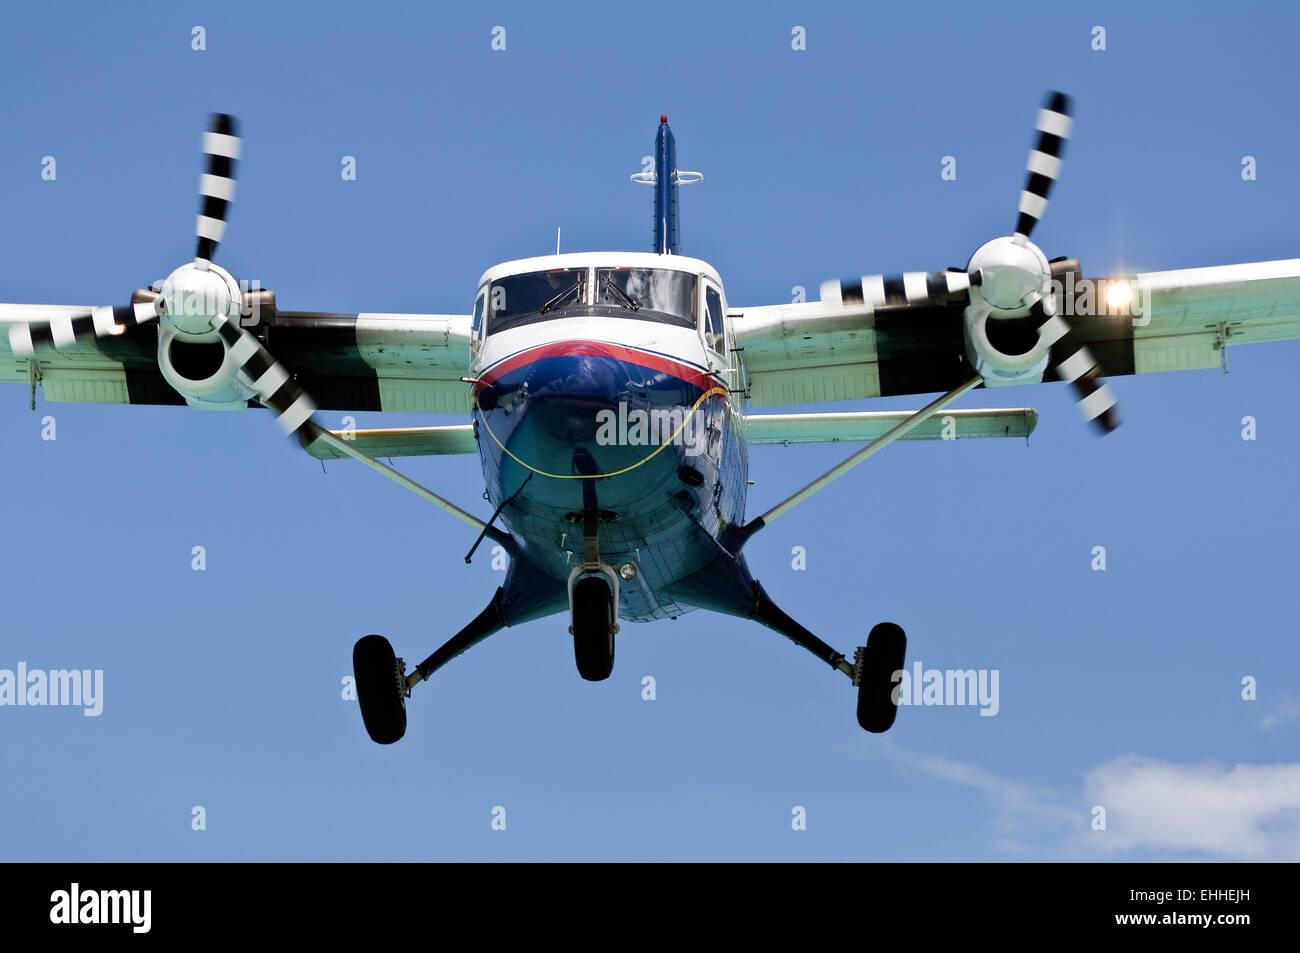 Turboprop passenger airplane. - Stock Image